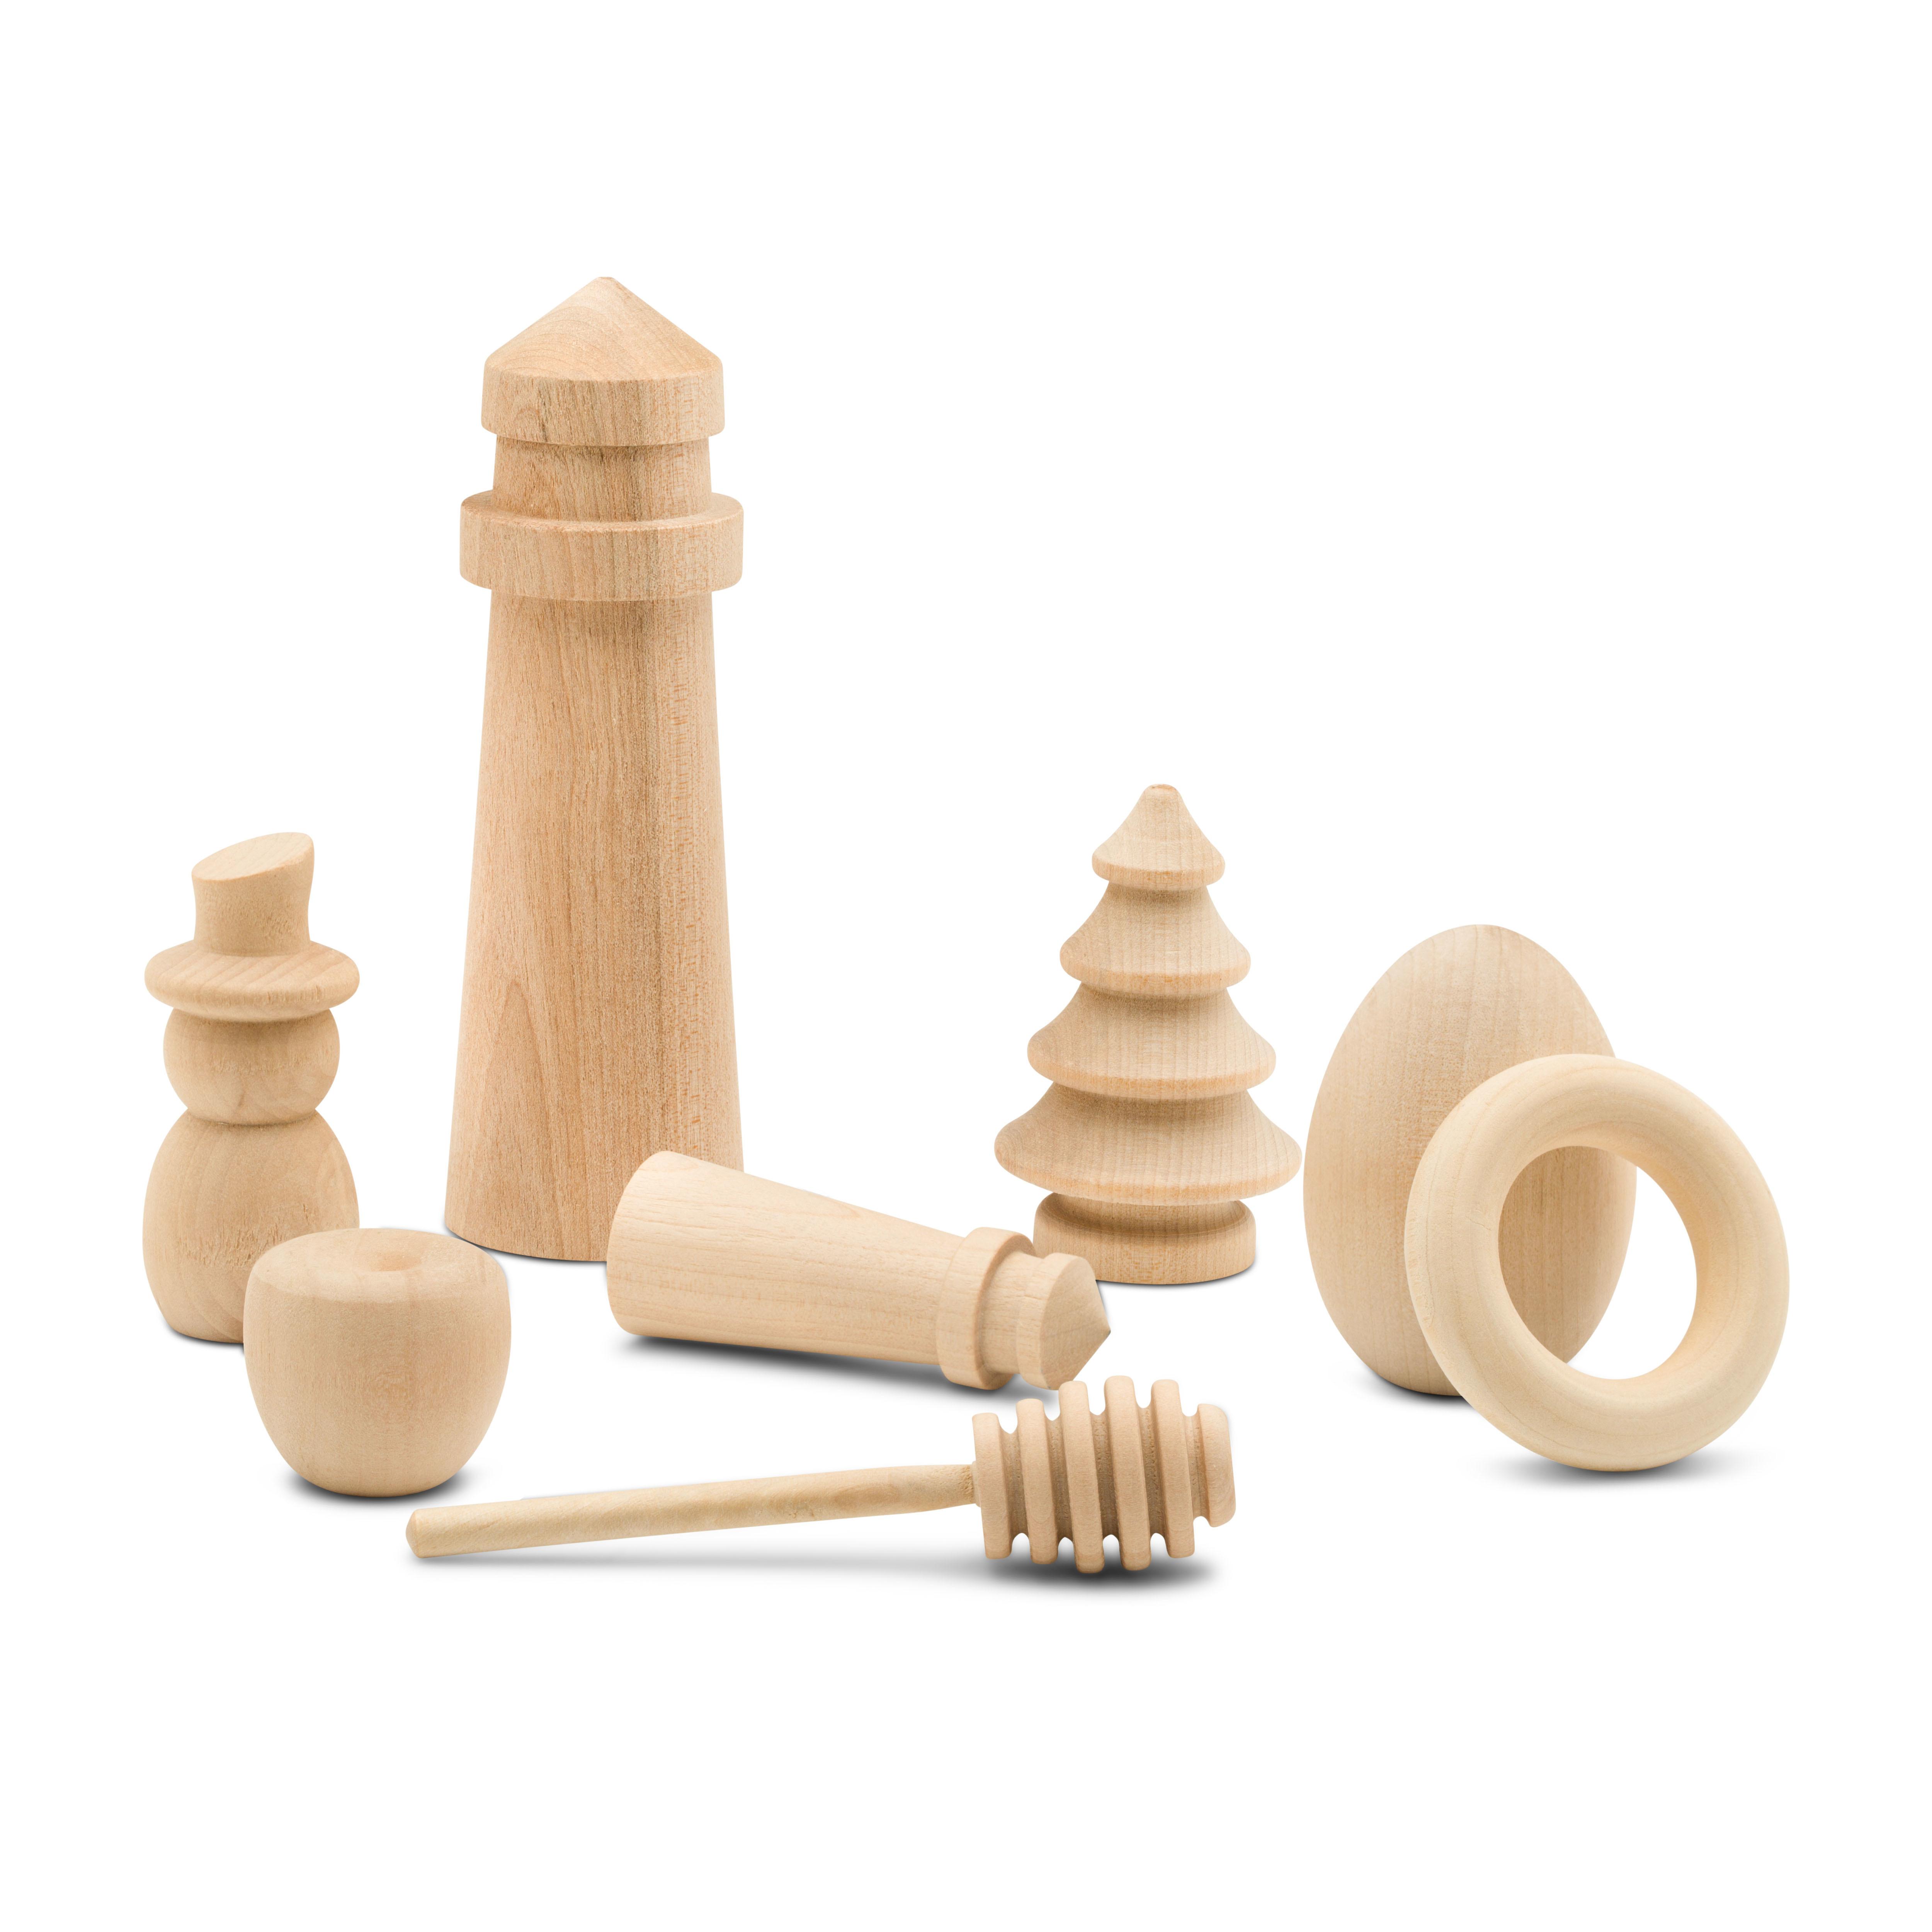 Wood Turnings